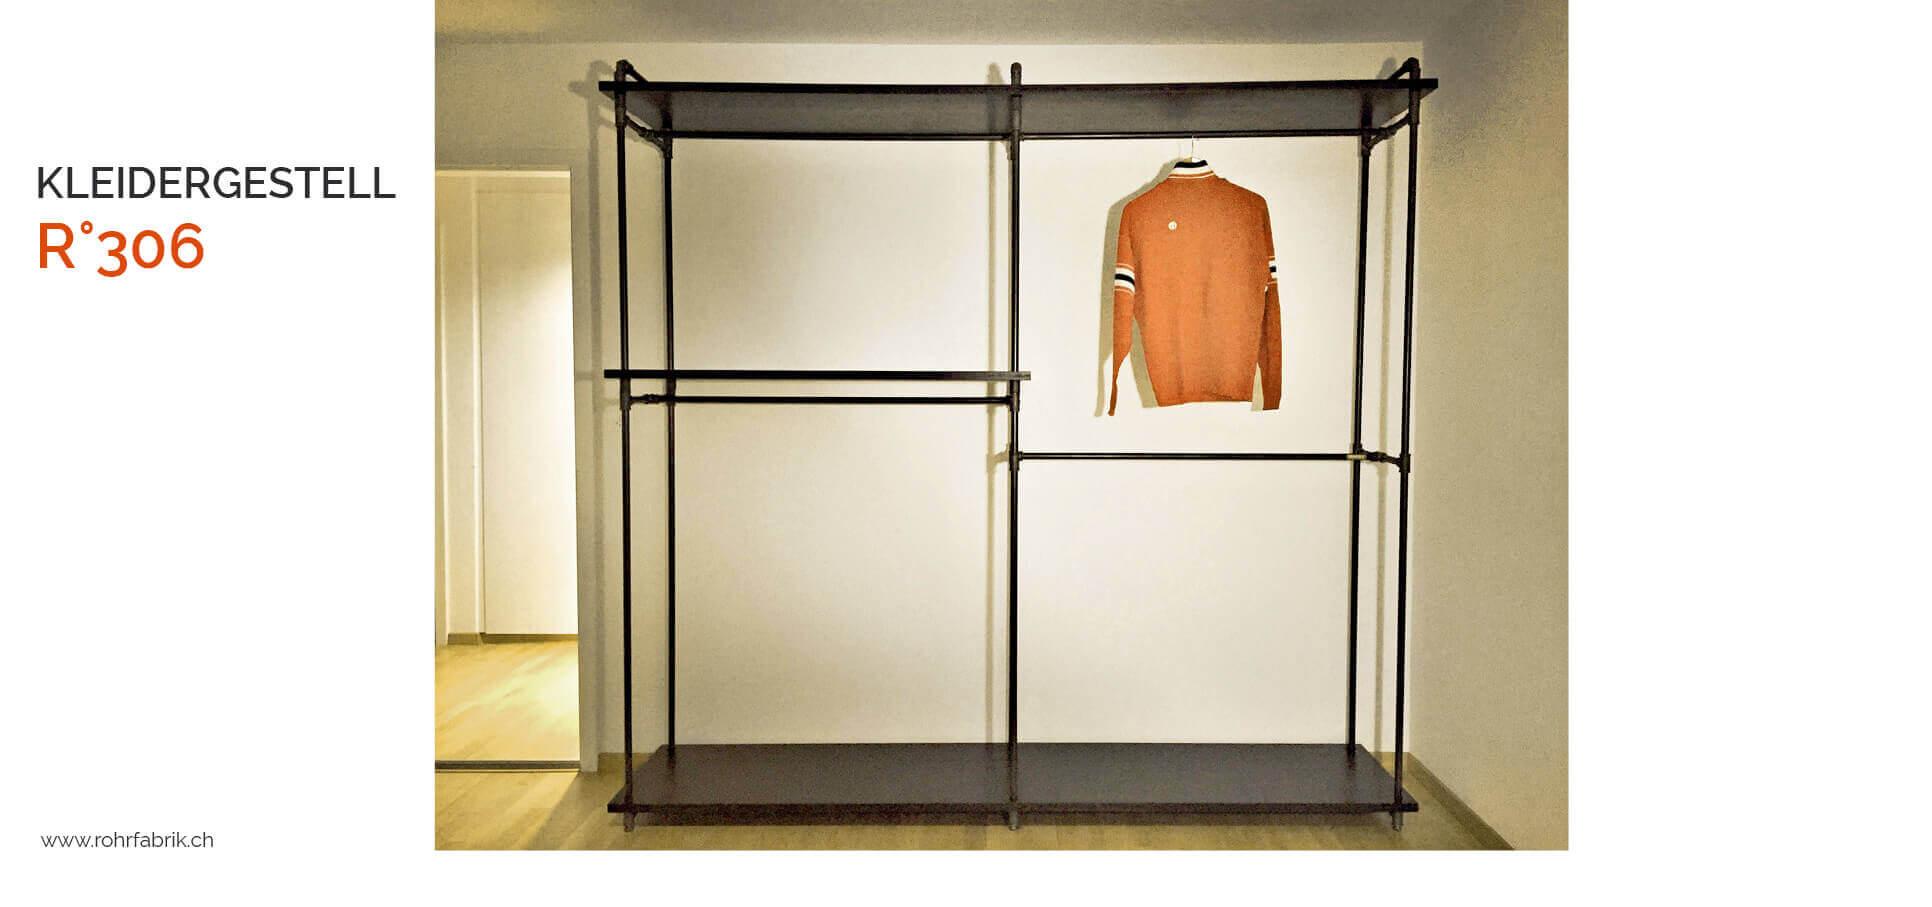 Hersteller-rohrfabrik-Zurich-kleidergestell-doppelkleiderstaender-kleiderstaender-rohr-moebel-design-innenarchitektur-ankleidezimmer-ladenbau-garderobe-R306.jpg